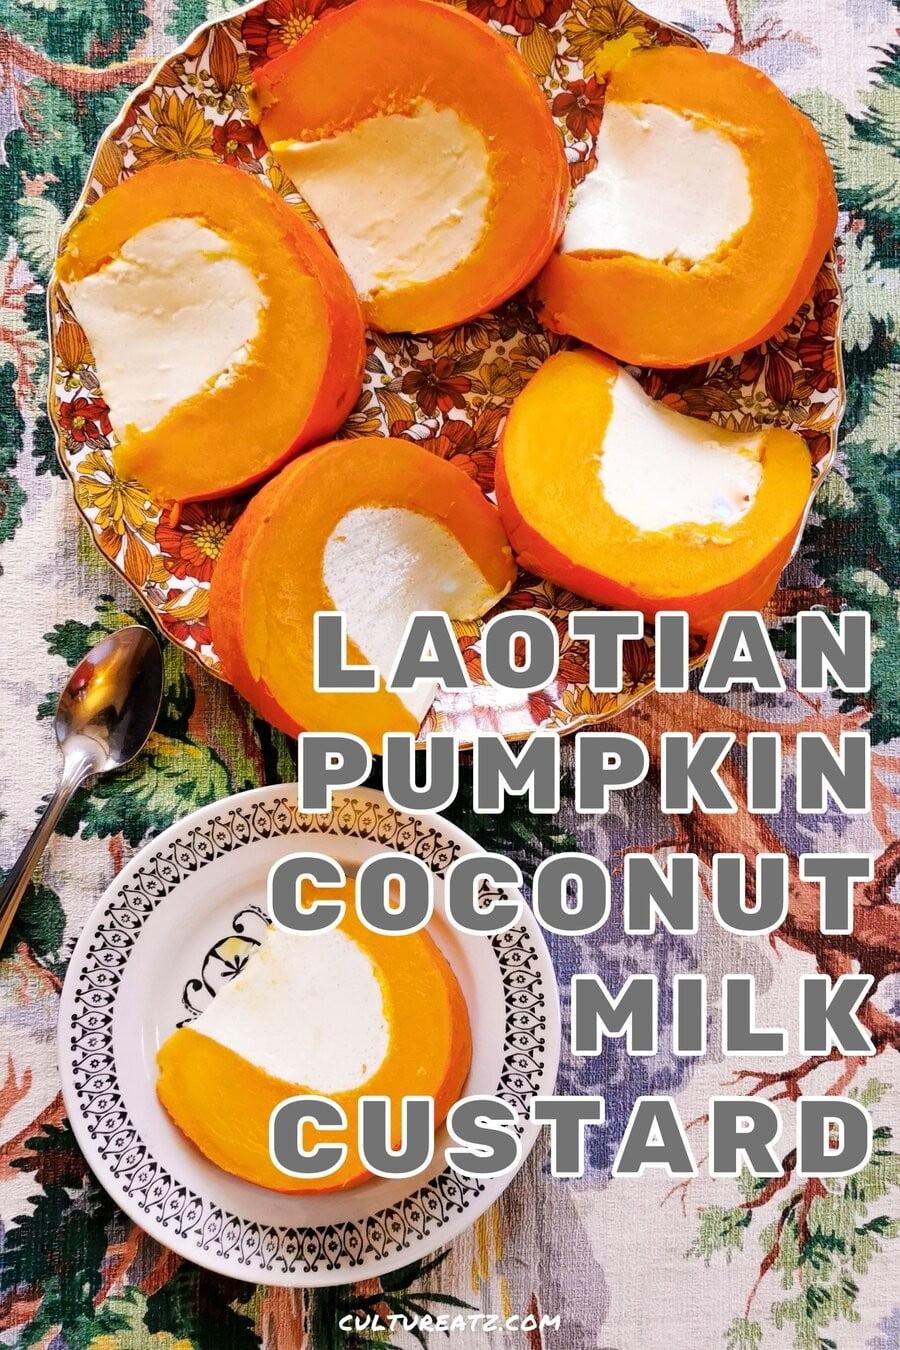 Laotian Pumpkin Coconut Milk Custard